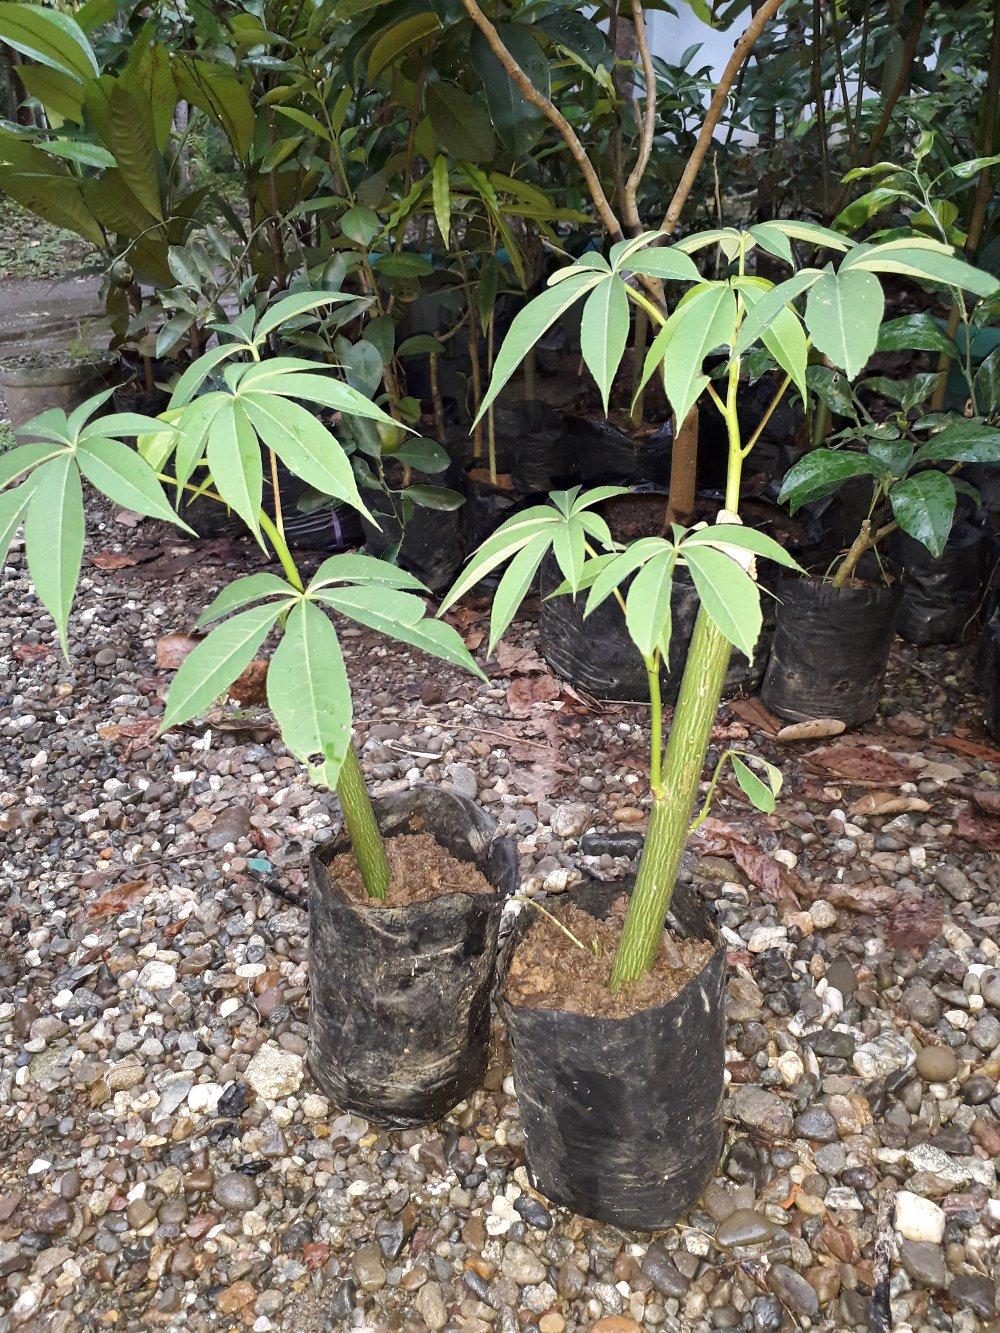 Jual Benih / Biji Pohon Kapuk Klenteng